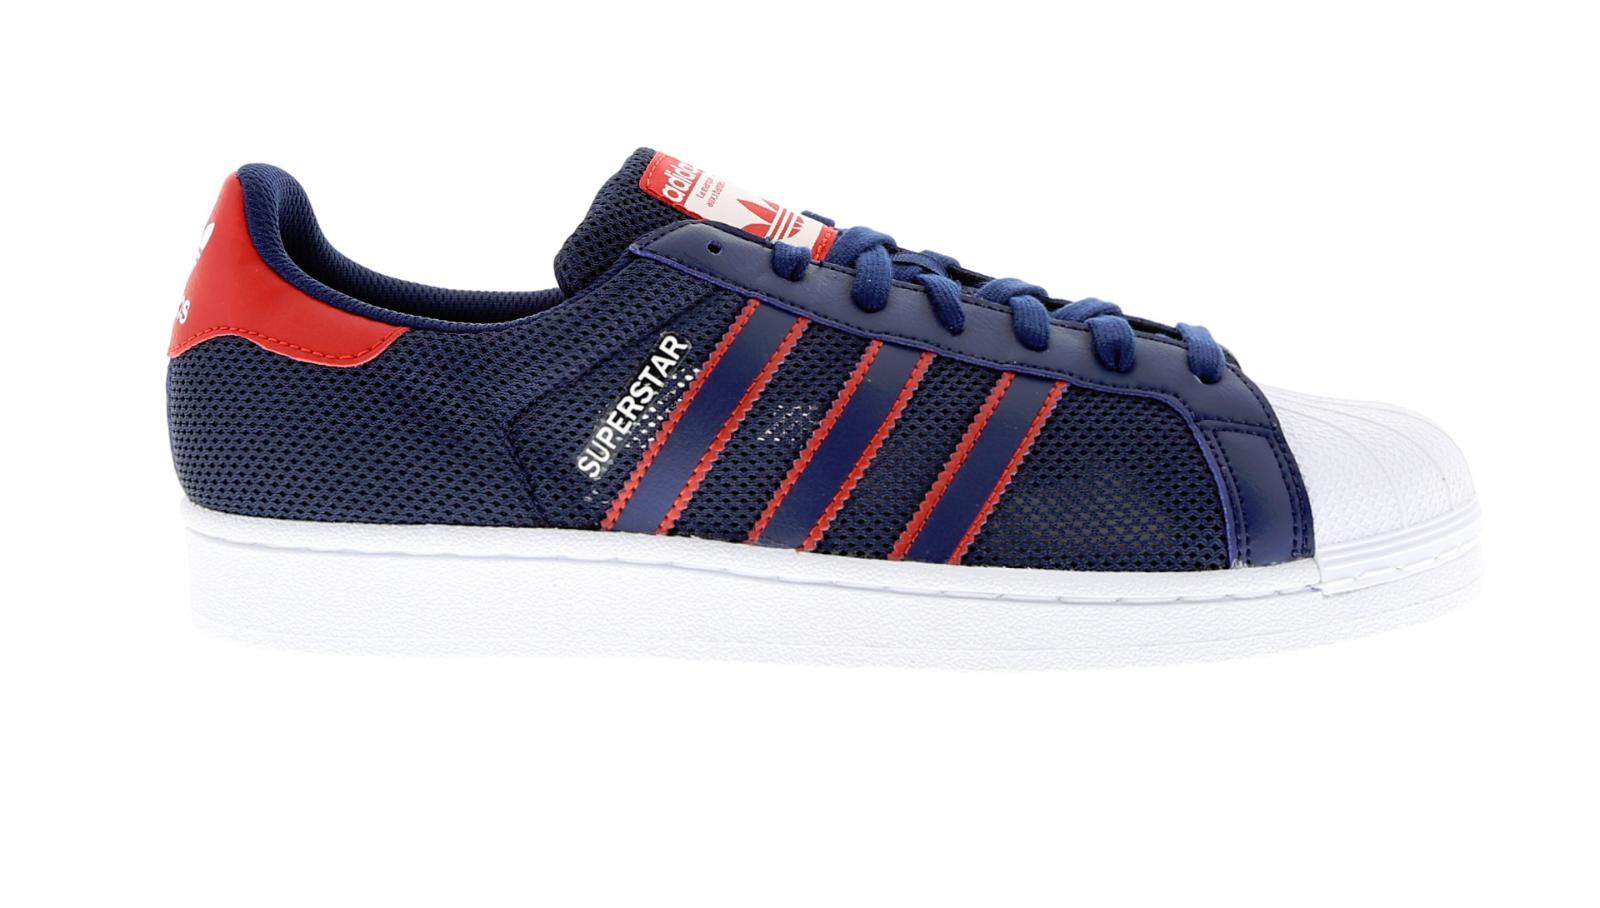 Da Uomo Adidas Superestrella Blu Scuro Tessile Casual Sport BB5395 RRP .99 Sautope classeiche da uomo